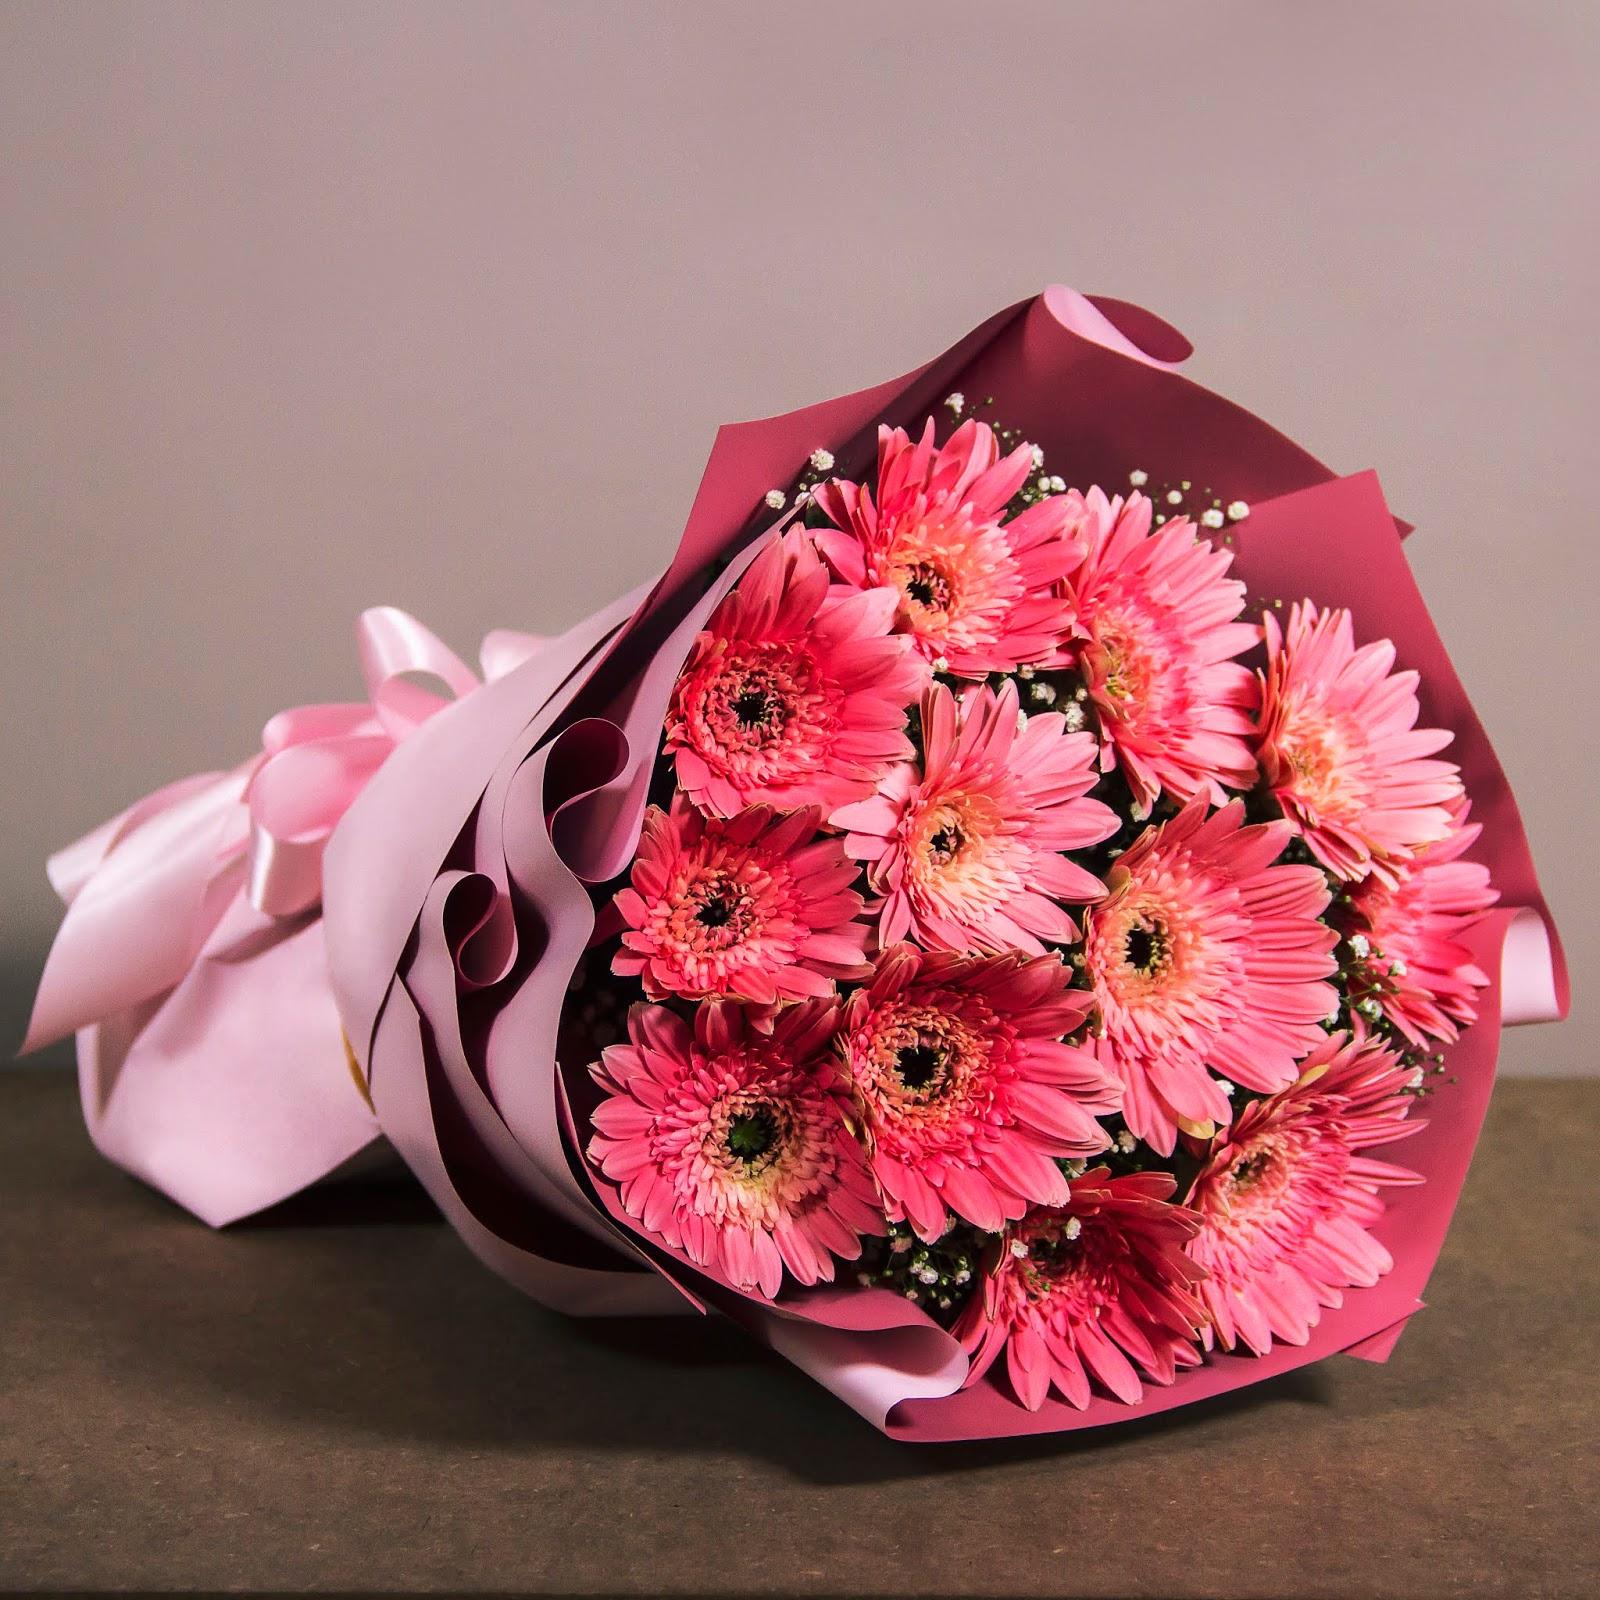 Flower Chimp Servis Penghantaran Bunga Percuma, Cantik Dan Murah ...